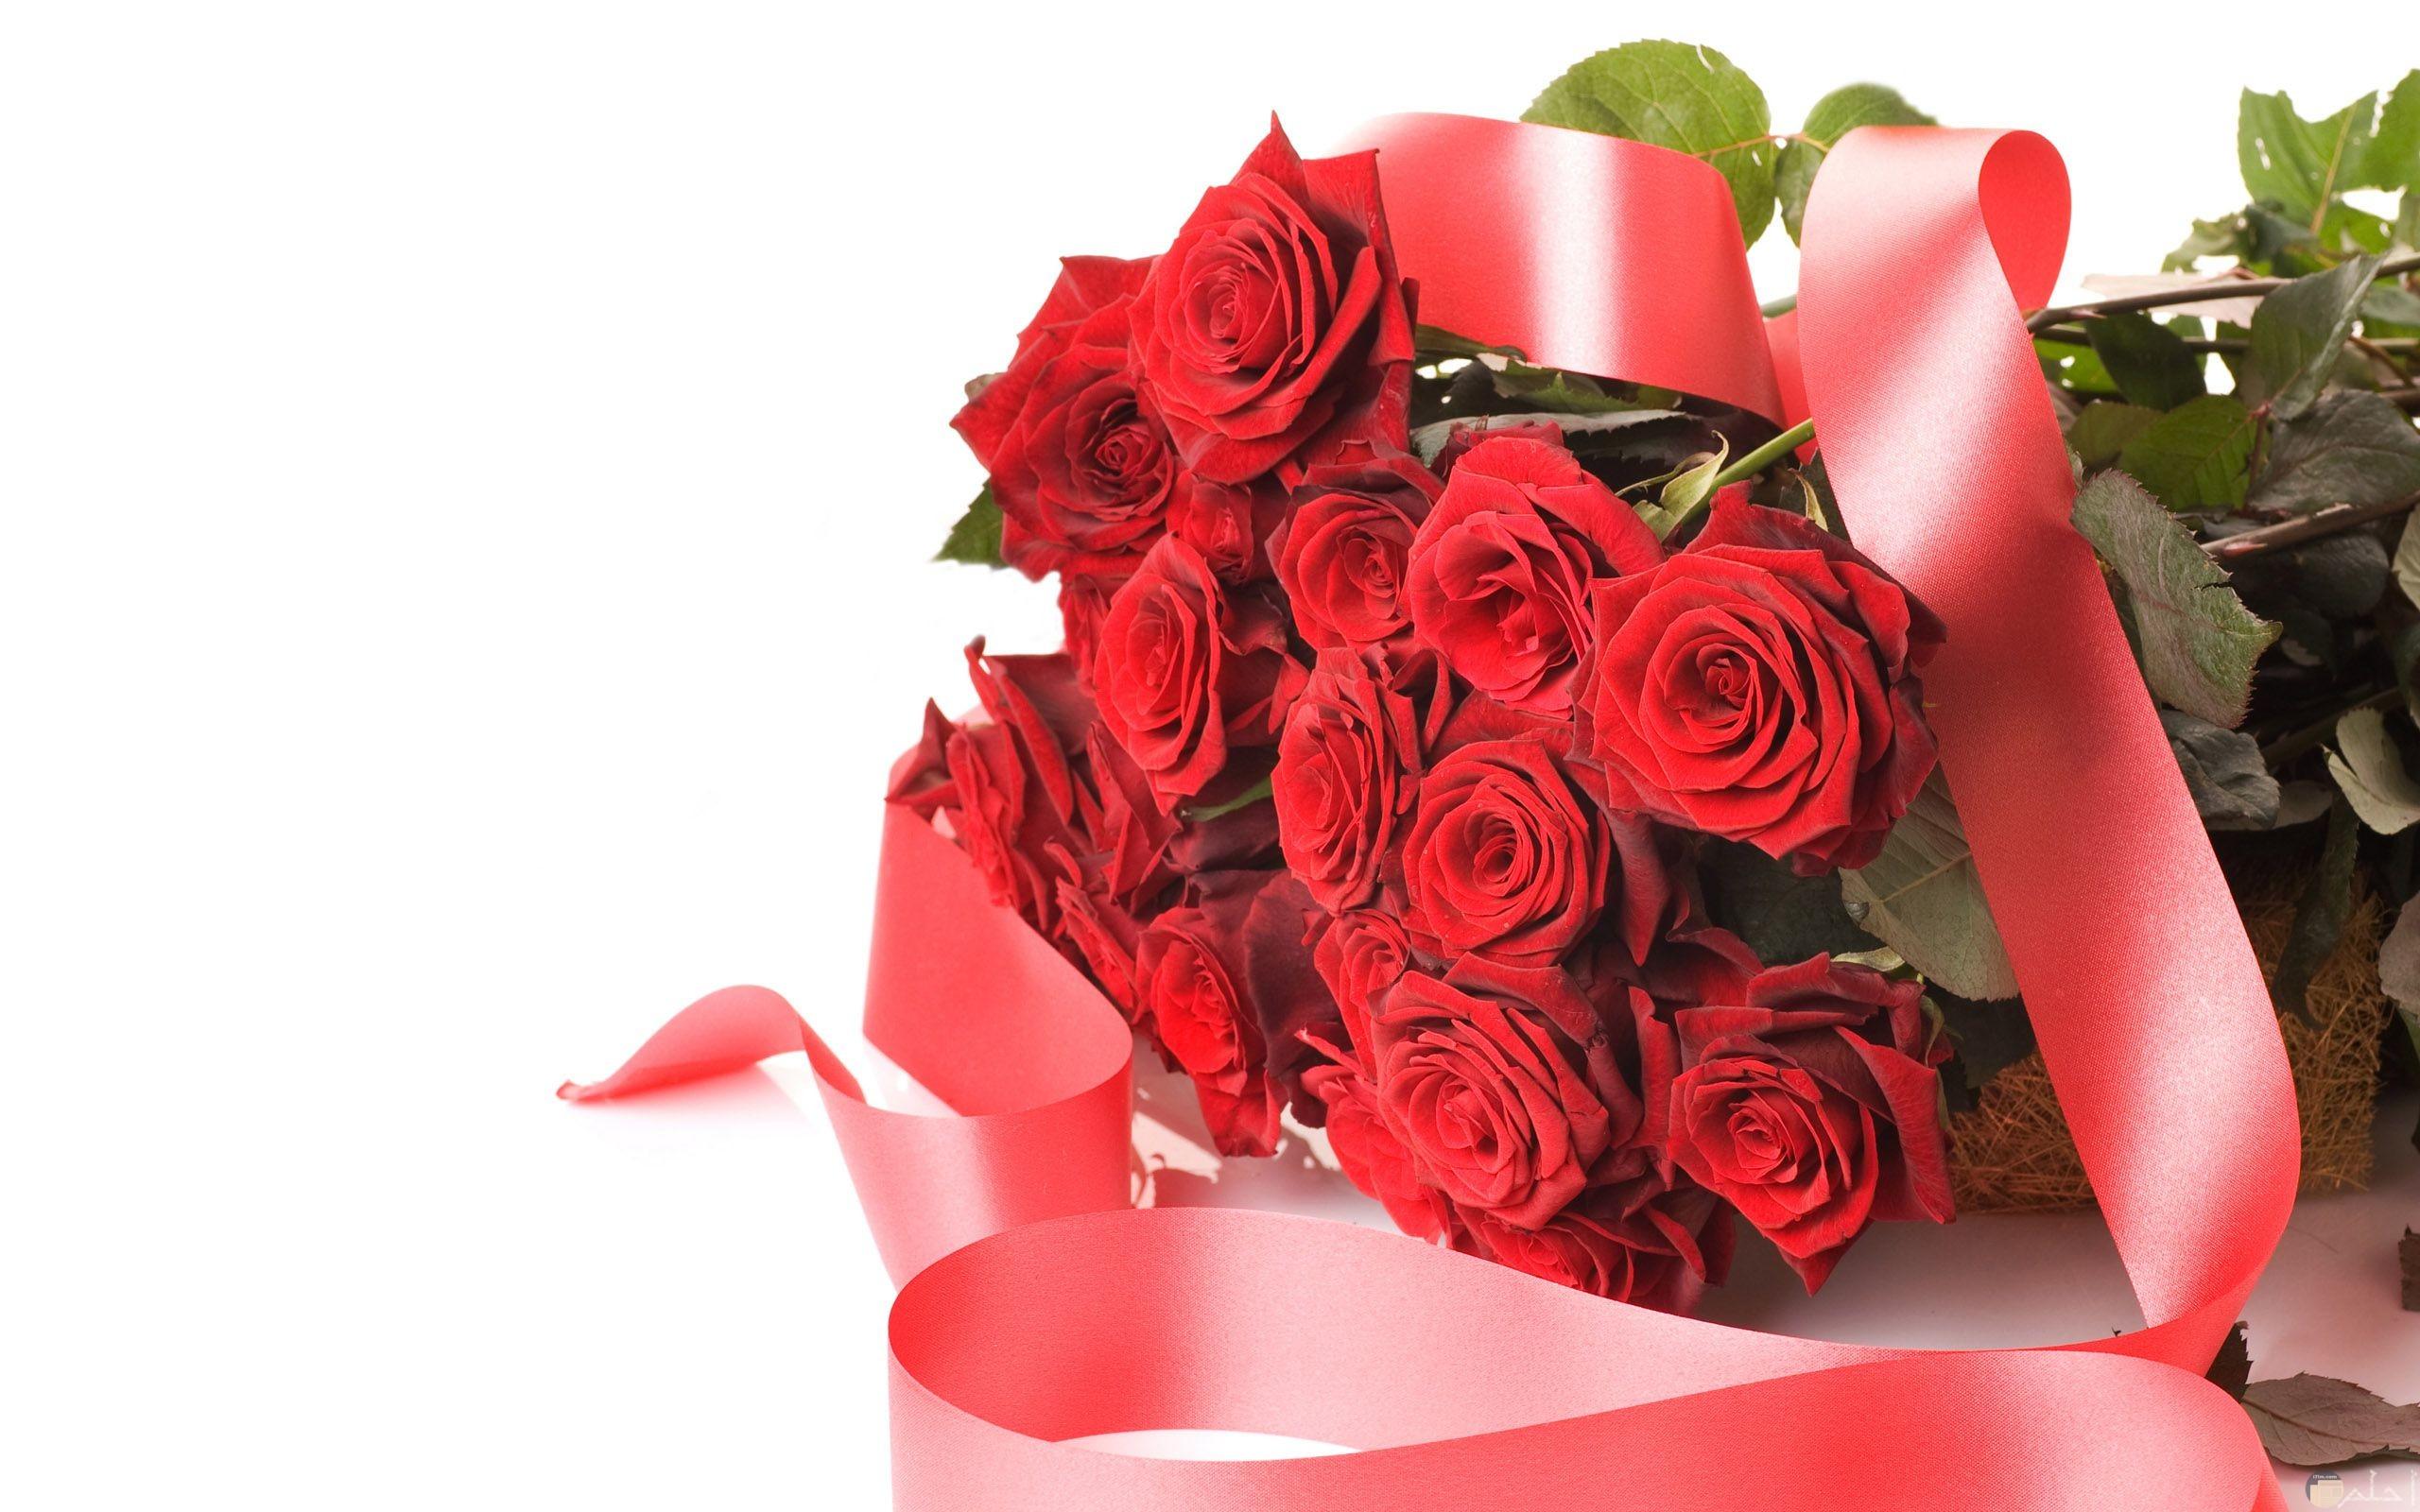 صورة باقة ورد أحمر رومانسي جميلة ومميزة